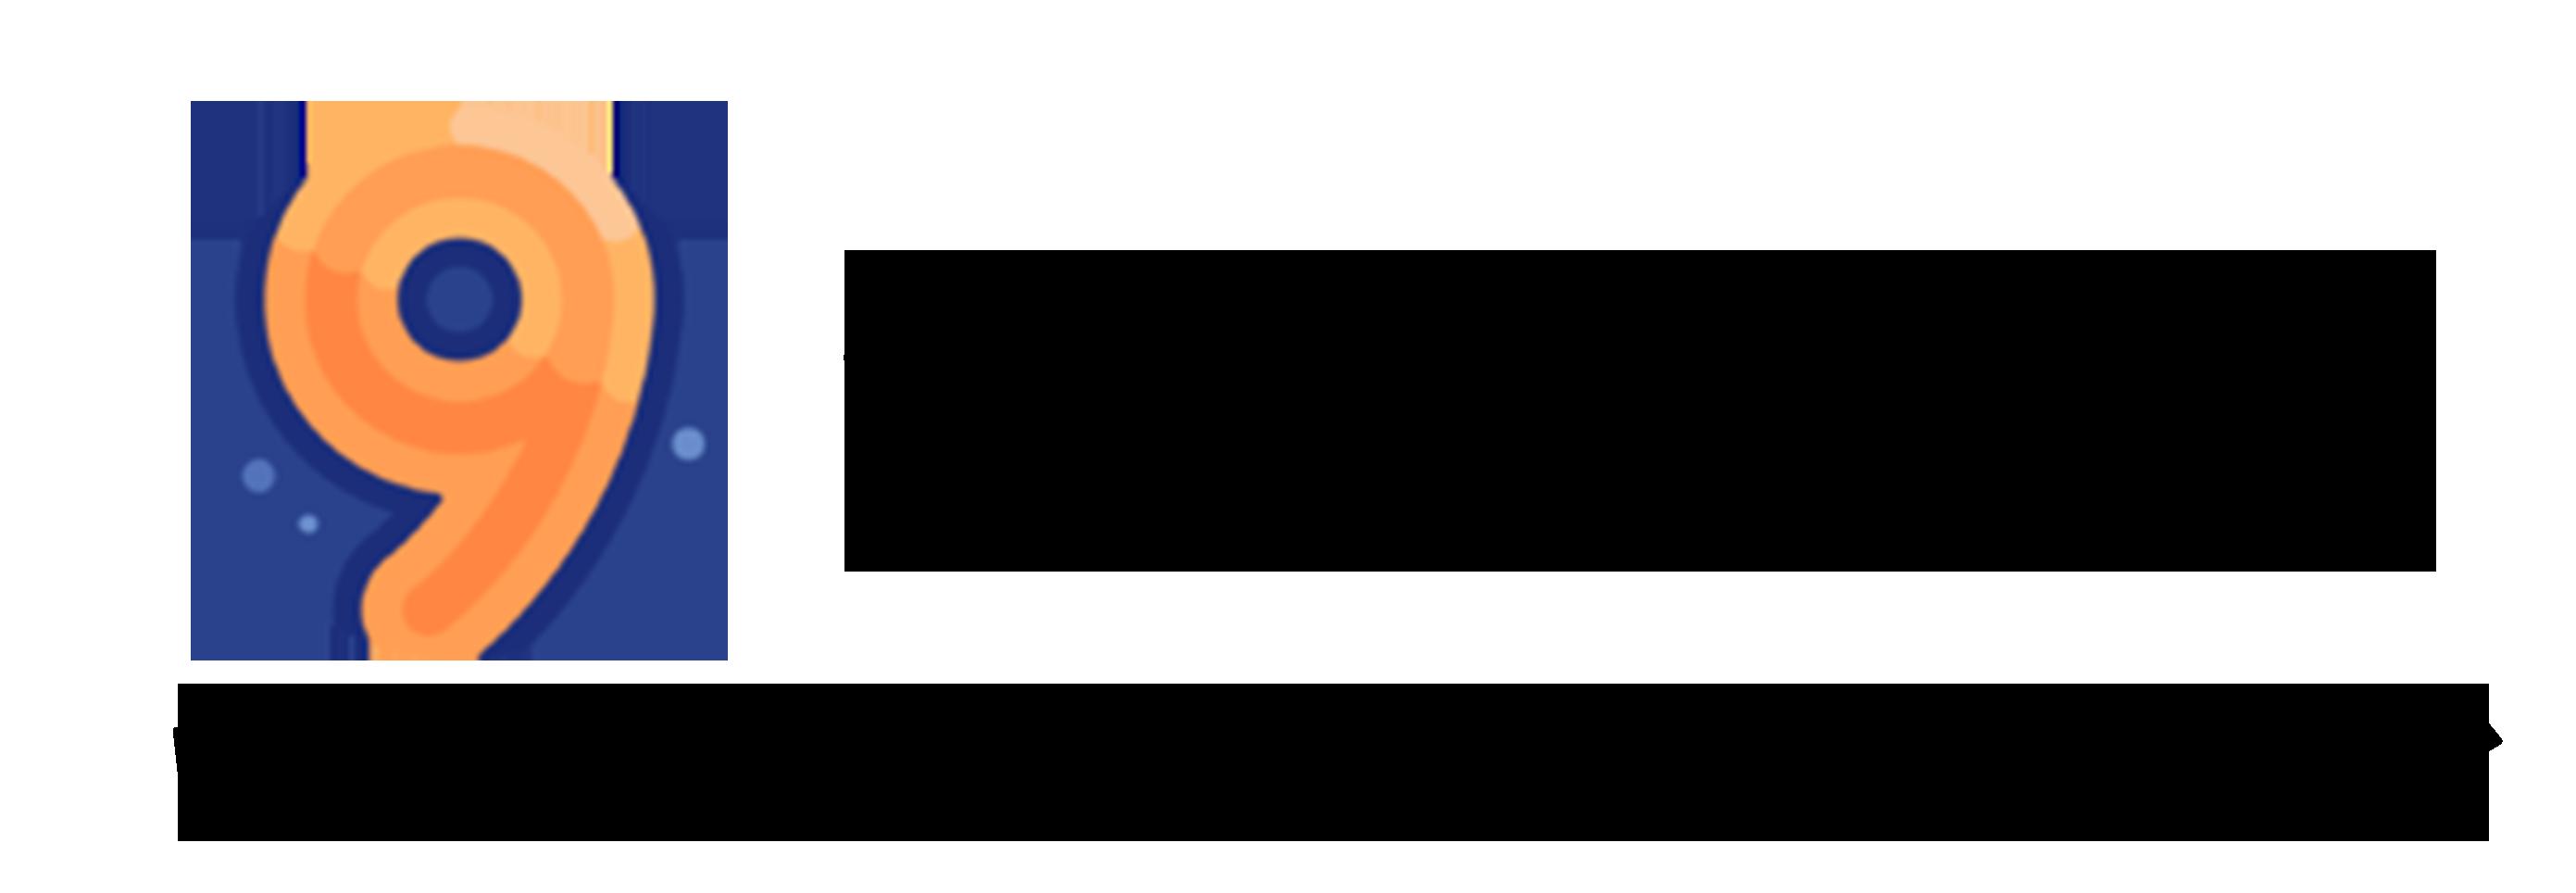 第九平台 - 网址导航_资源大全